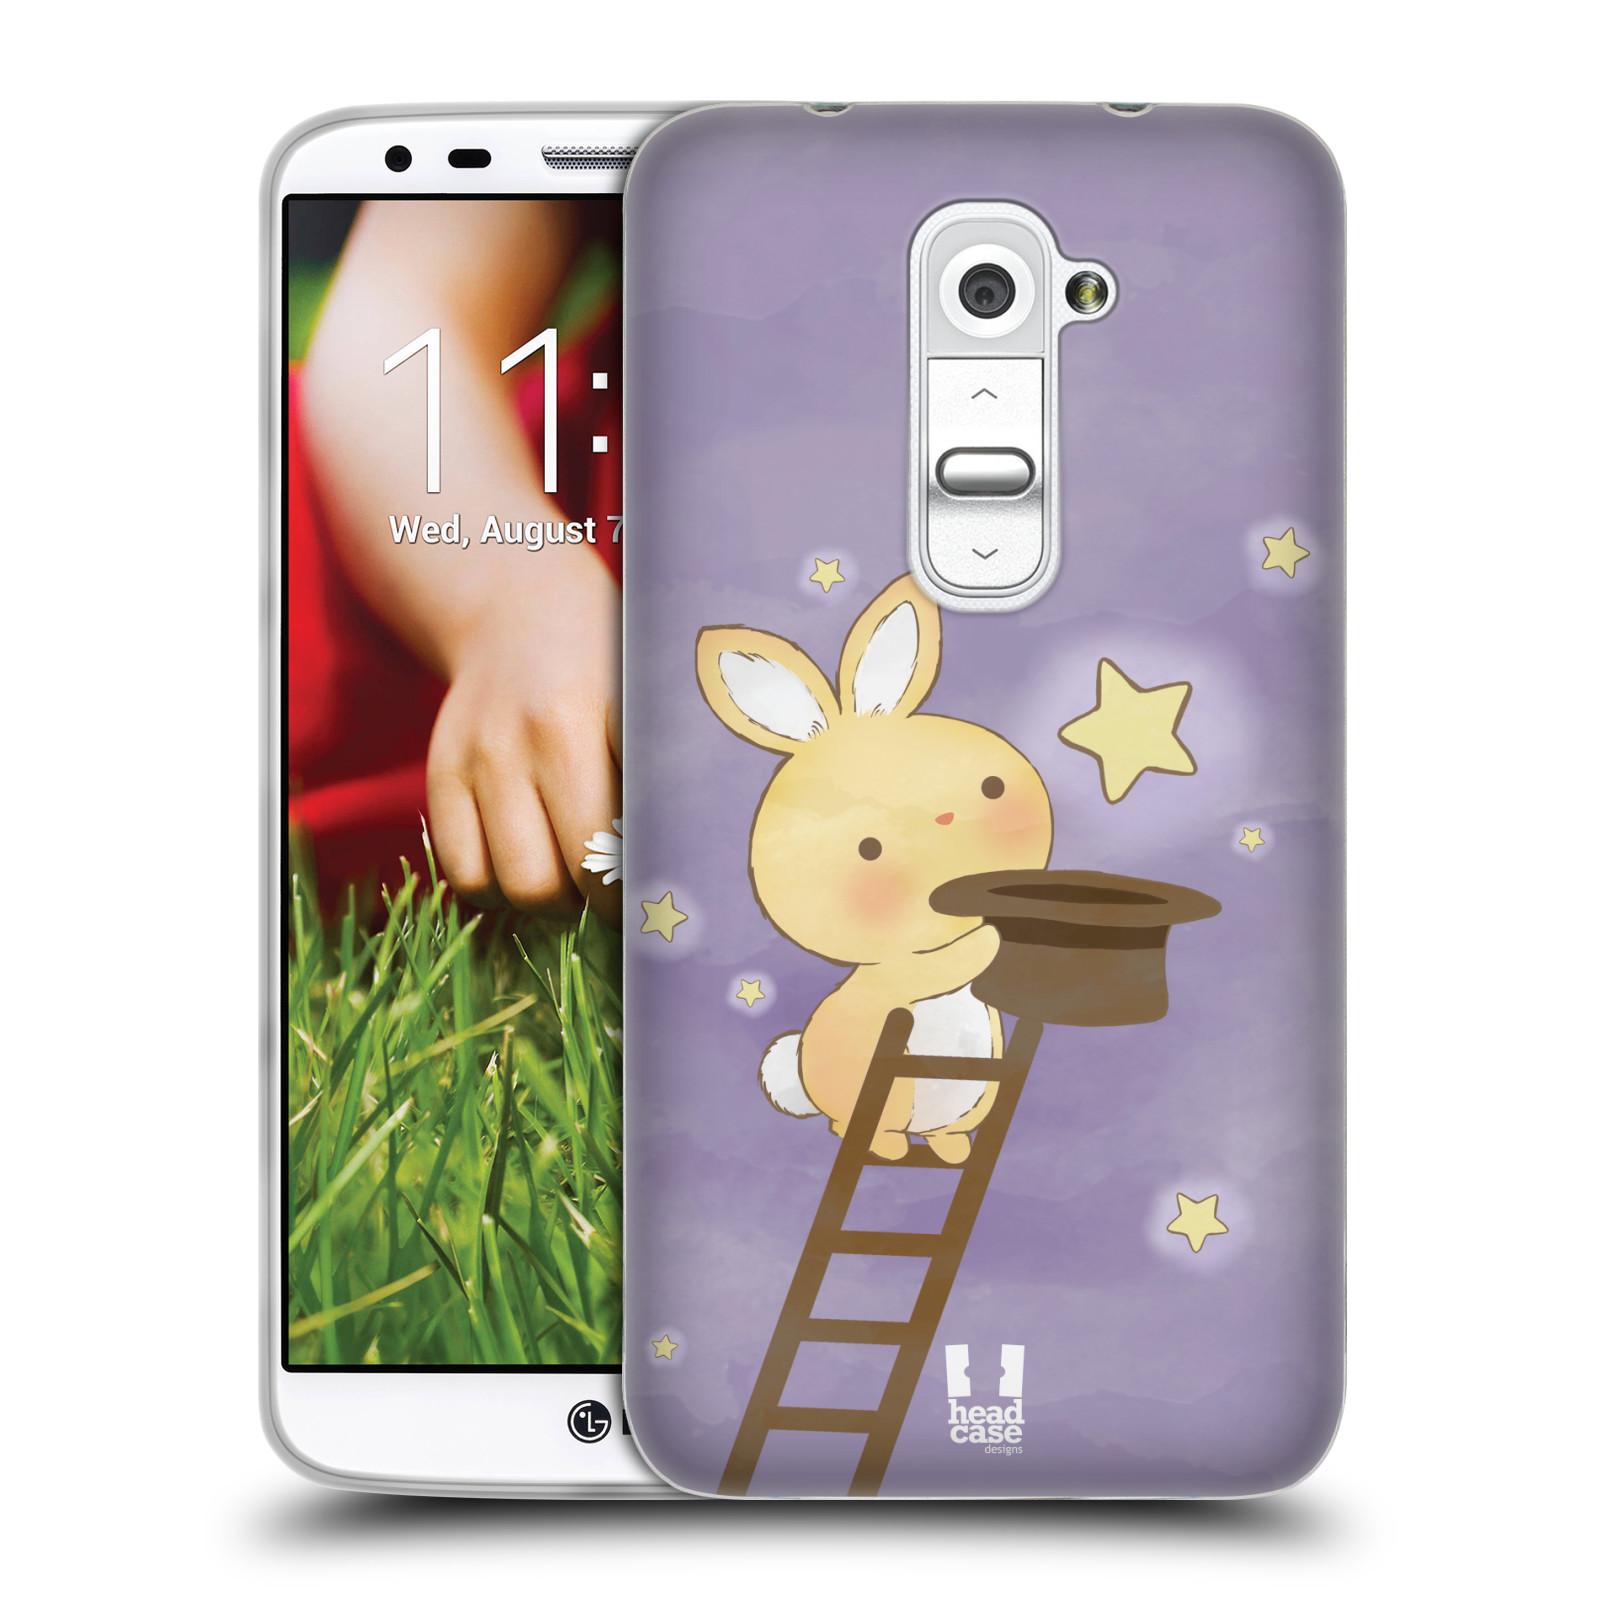 HEAD CASE silikonový obal na mobil LG G2 vzor králíček a hvězdy fialová